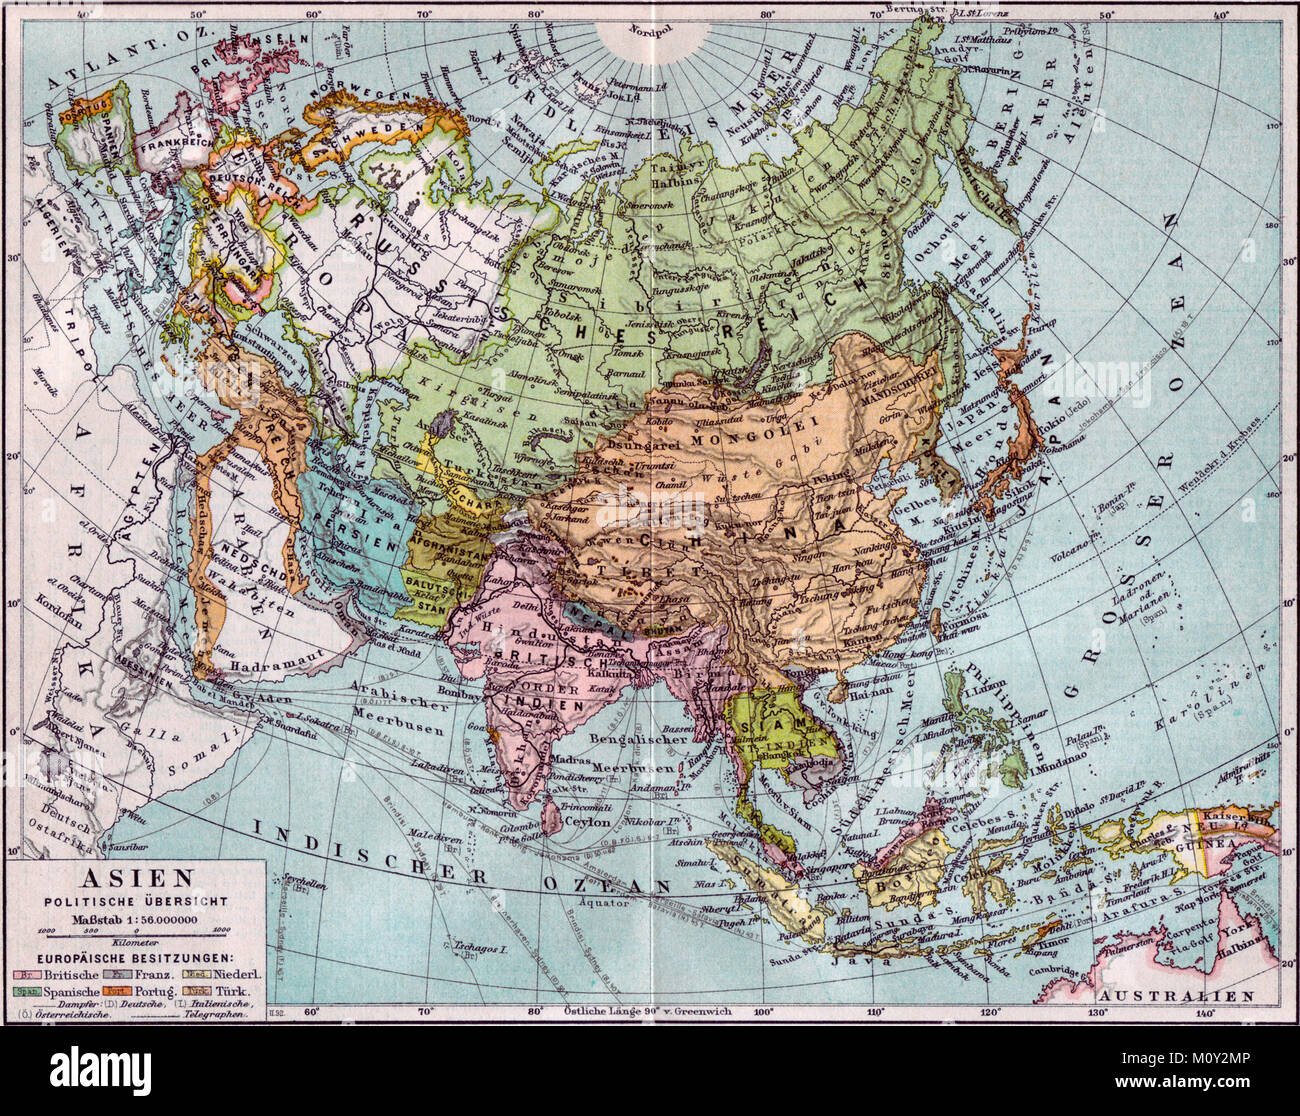 Map Of Asia Political.Map Of Asia Political Overview Circa 1890 Stock Photo 172698534